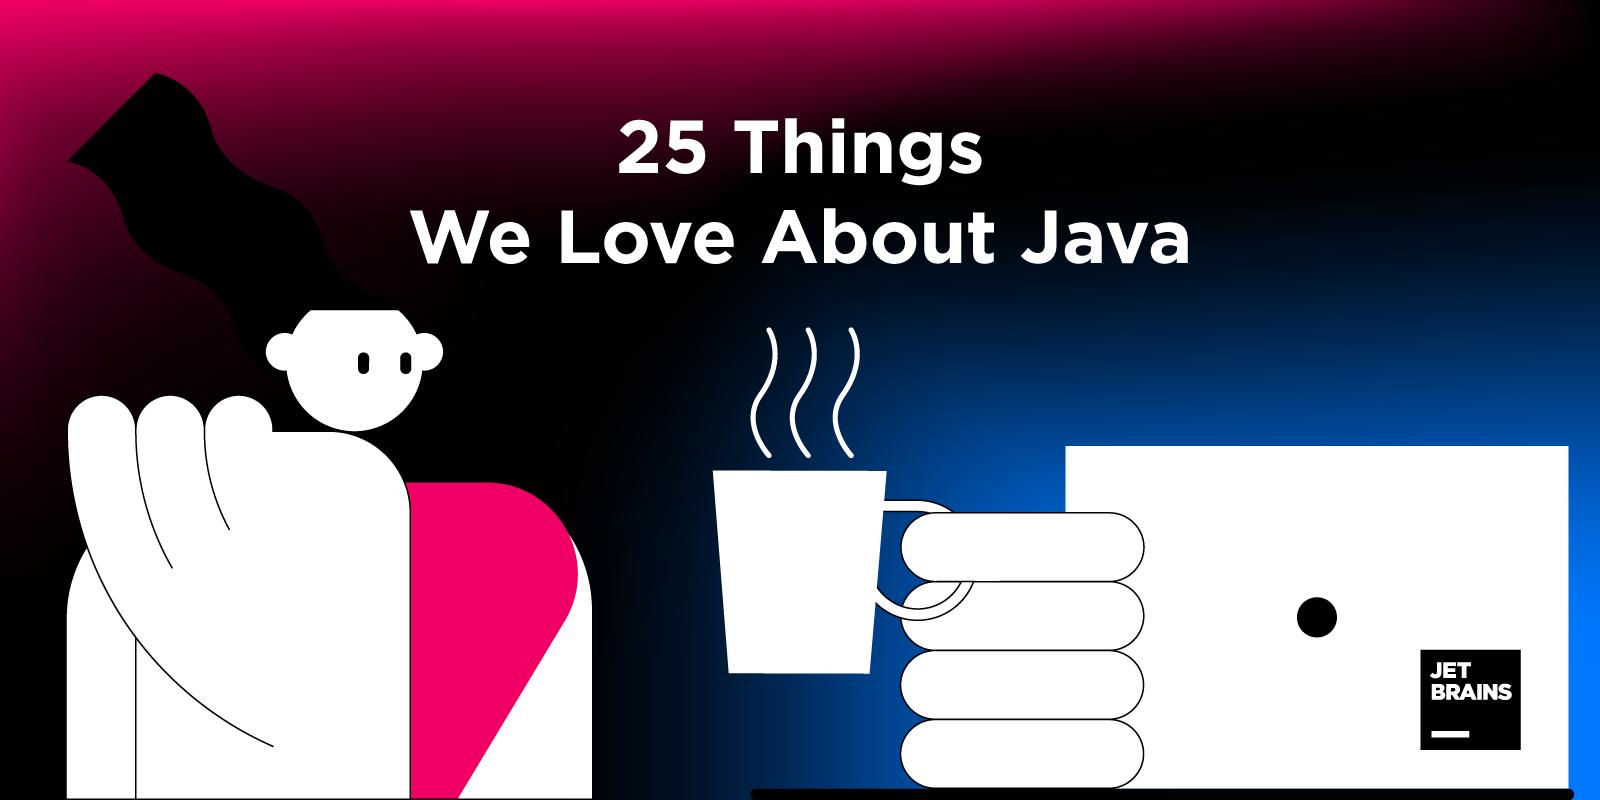 基于IntelliJ IDEA开发平台: 关于Java的25件事